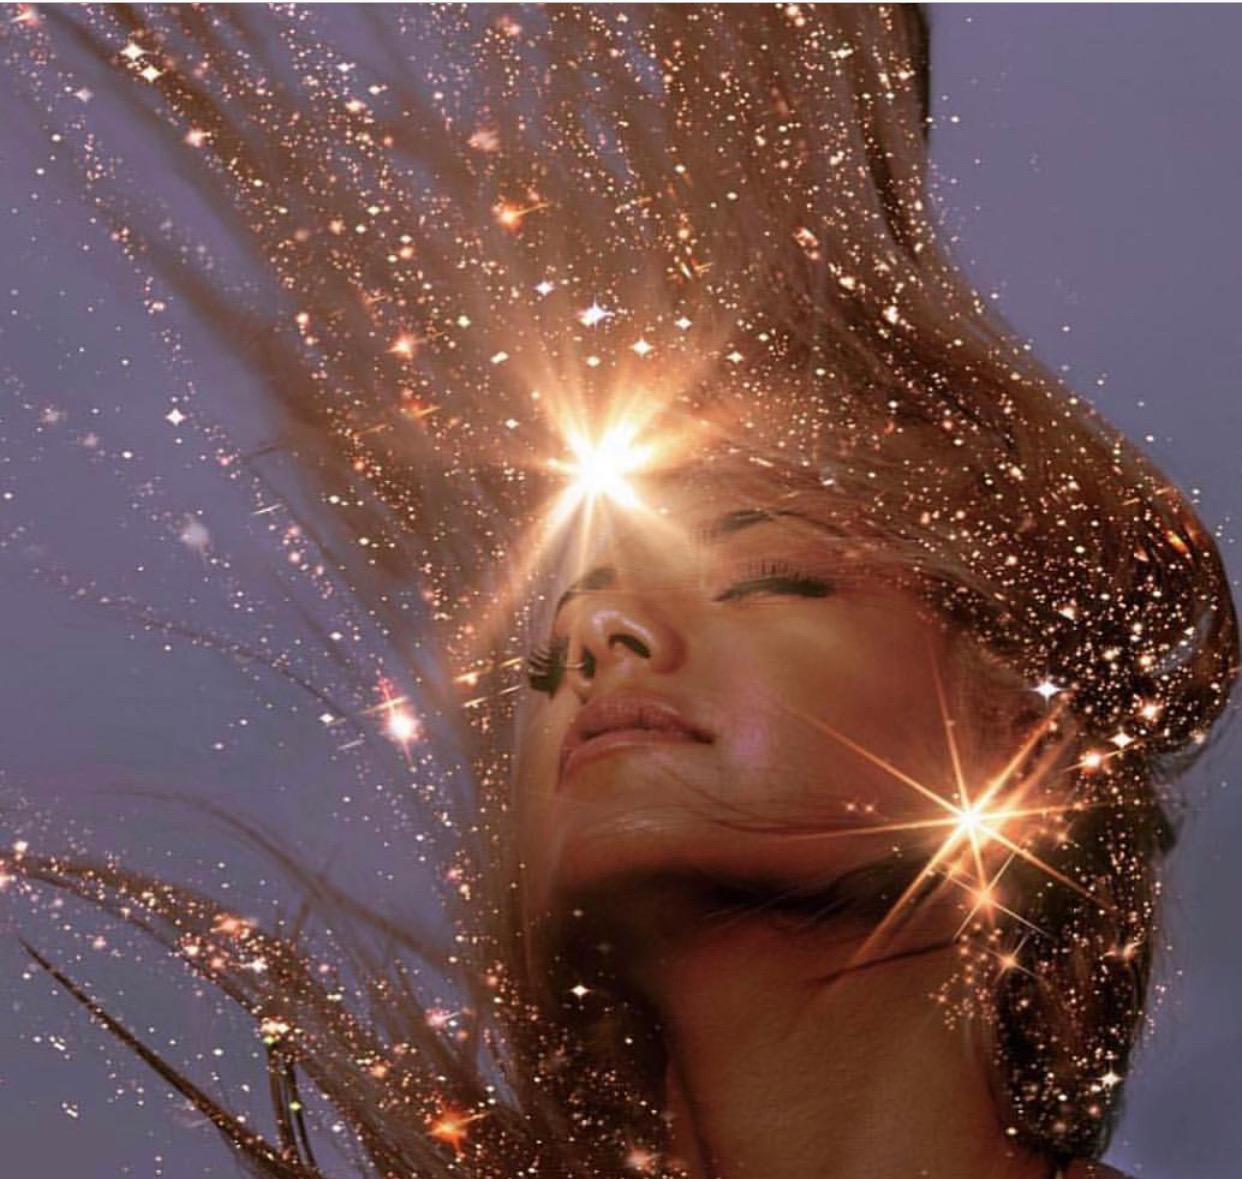 Sparkle like the sun - Hair Tinsel is the new hair fun!!